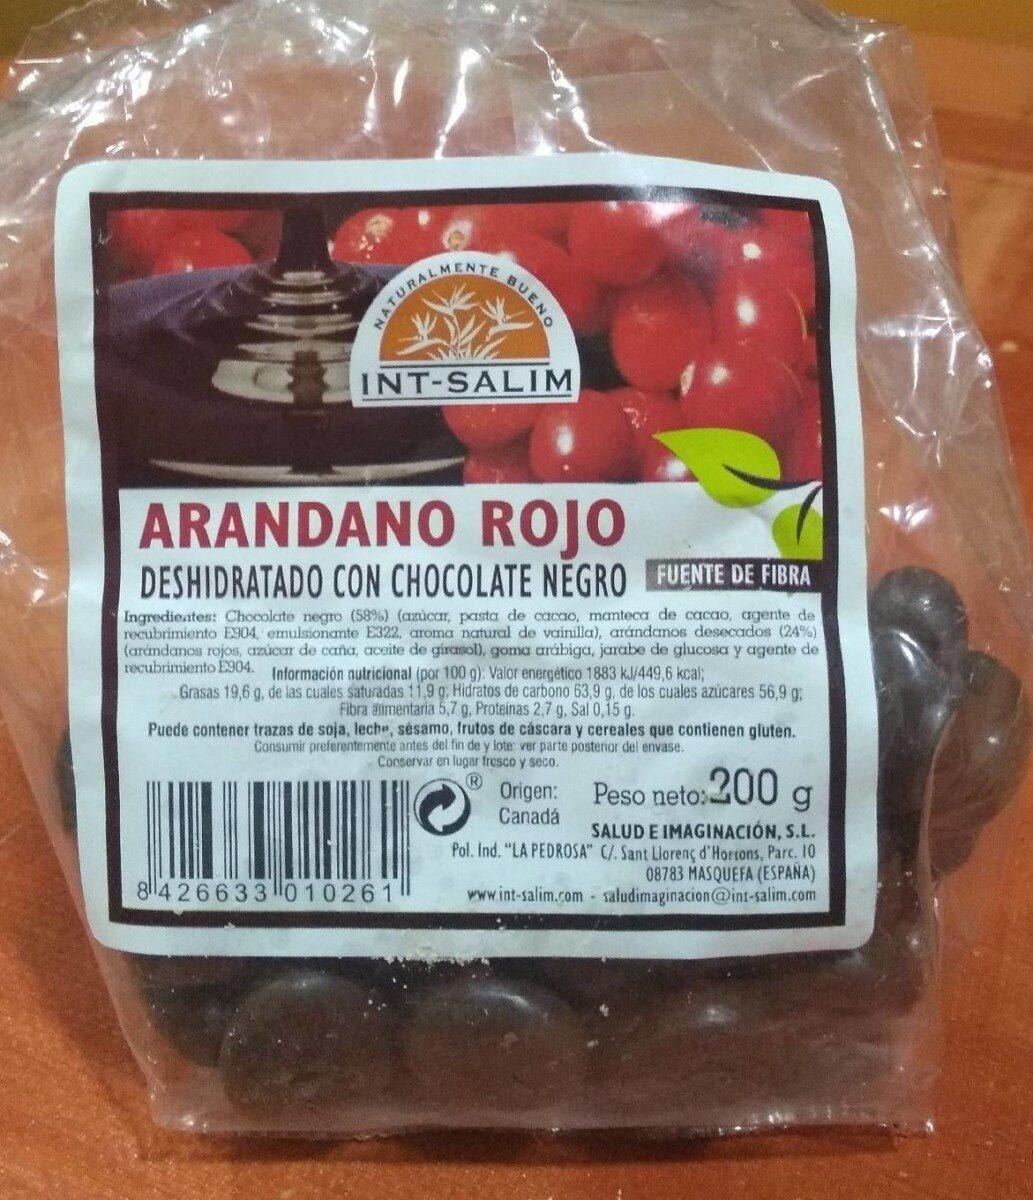 Arandano rojo deshidratado de chocolate negro - Product